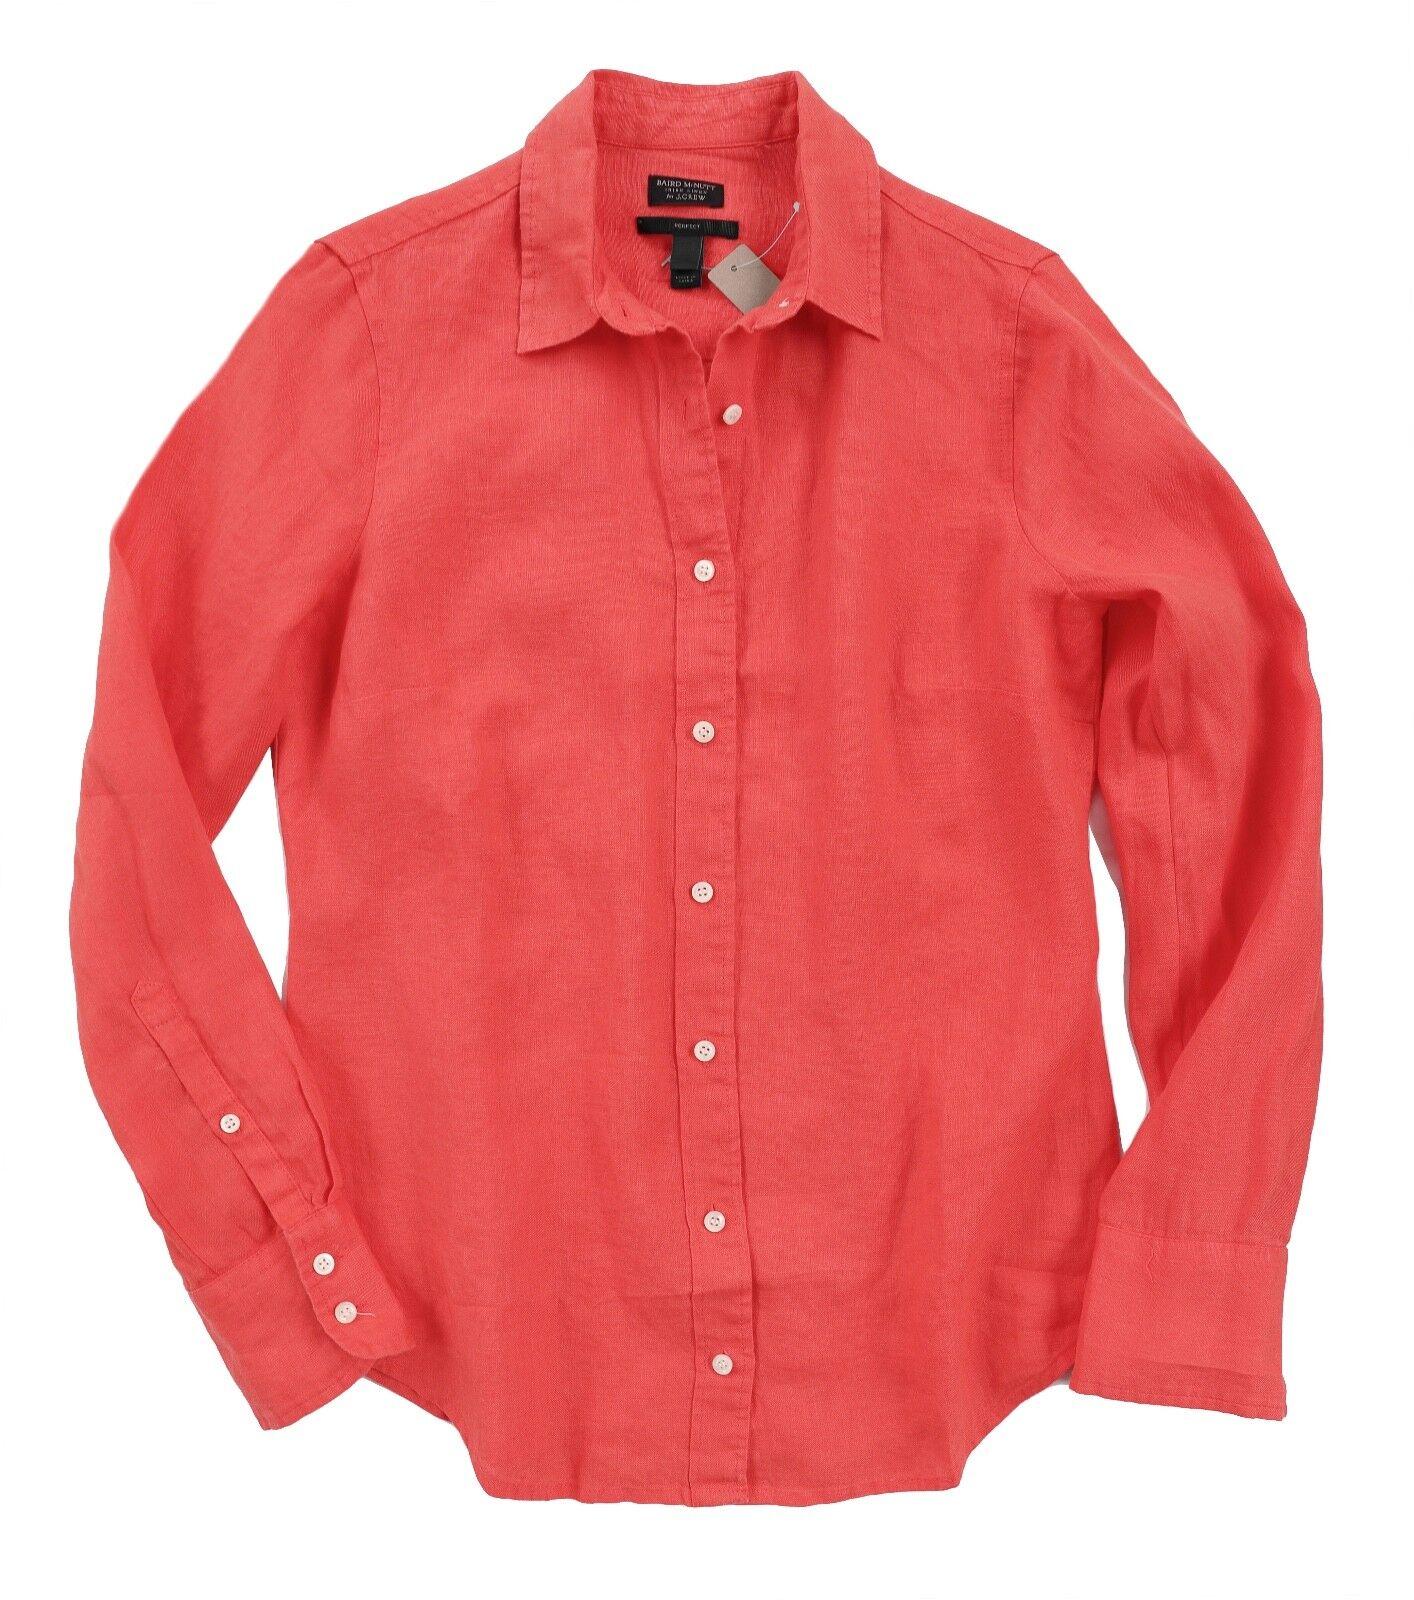 Baird McNutt for J.Crew Woherren 6 - NWT Coral Long Sleeve Irish Linen Shirt